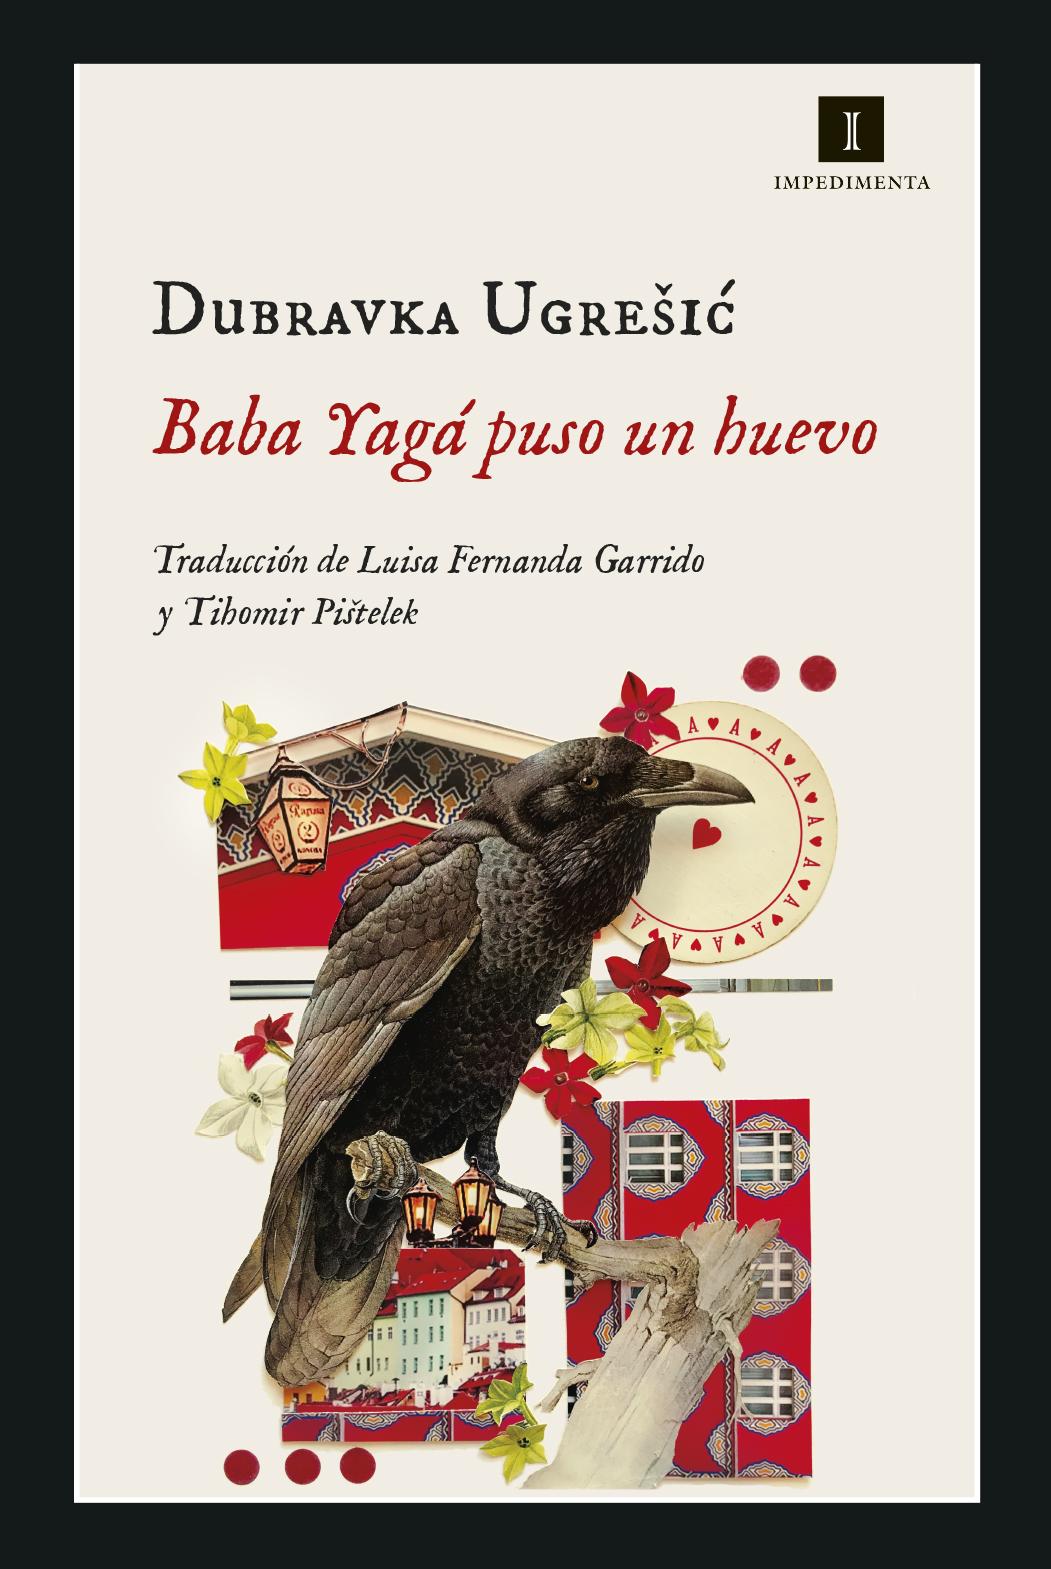 Baba Yaga Dubravka Ugresic